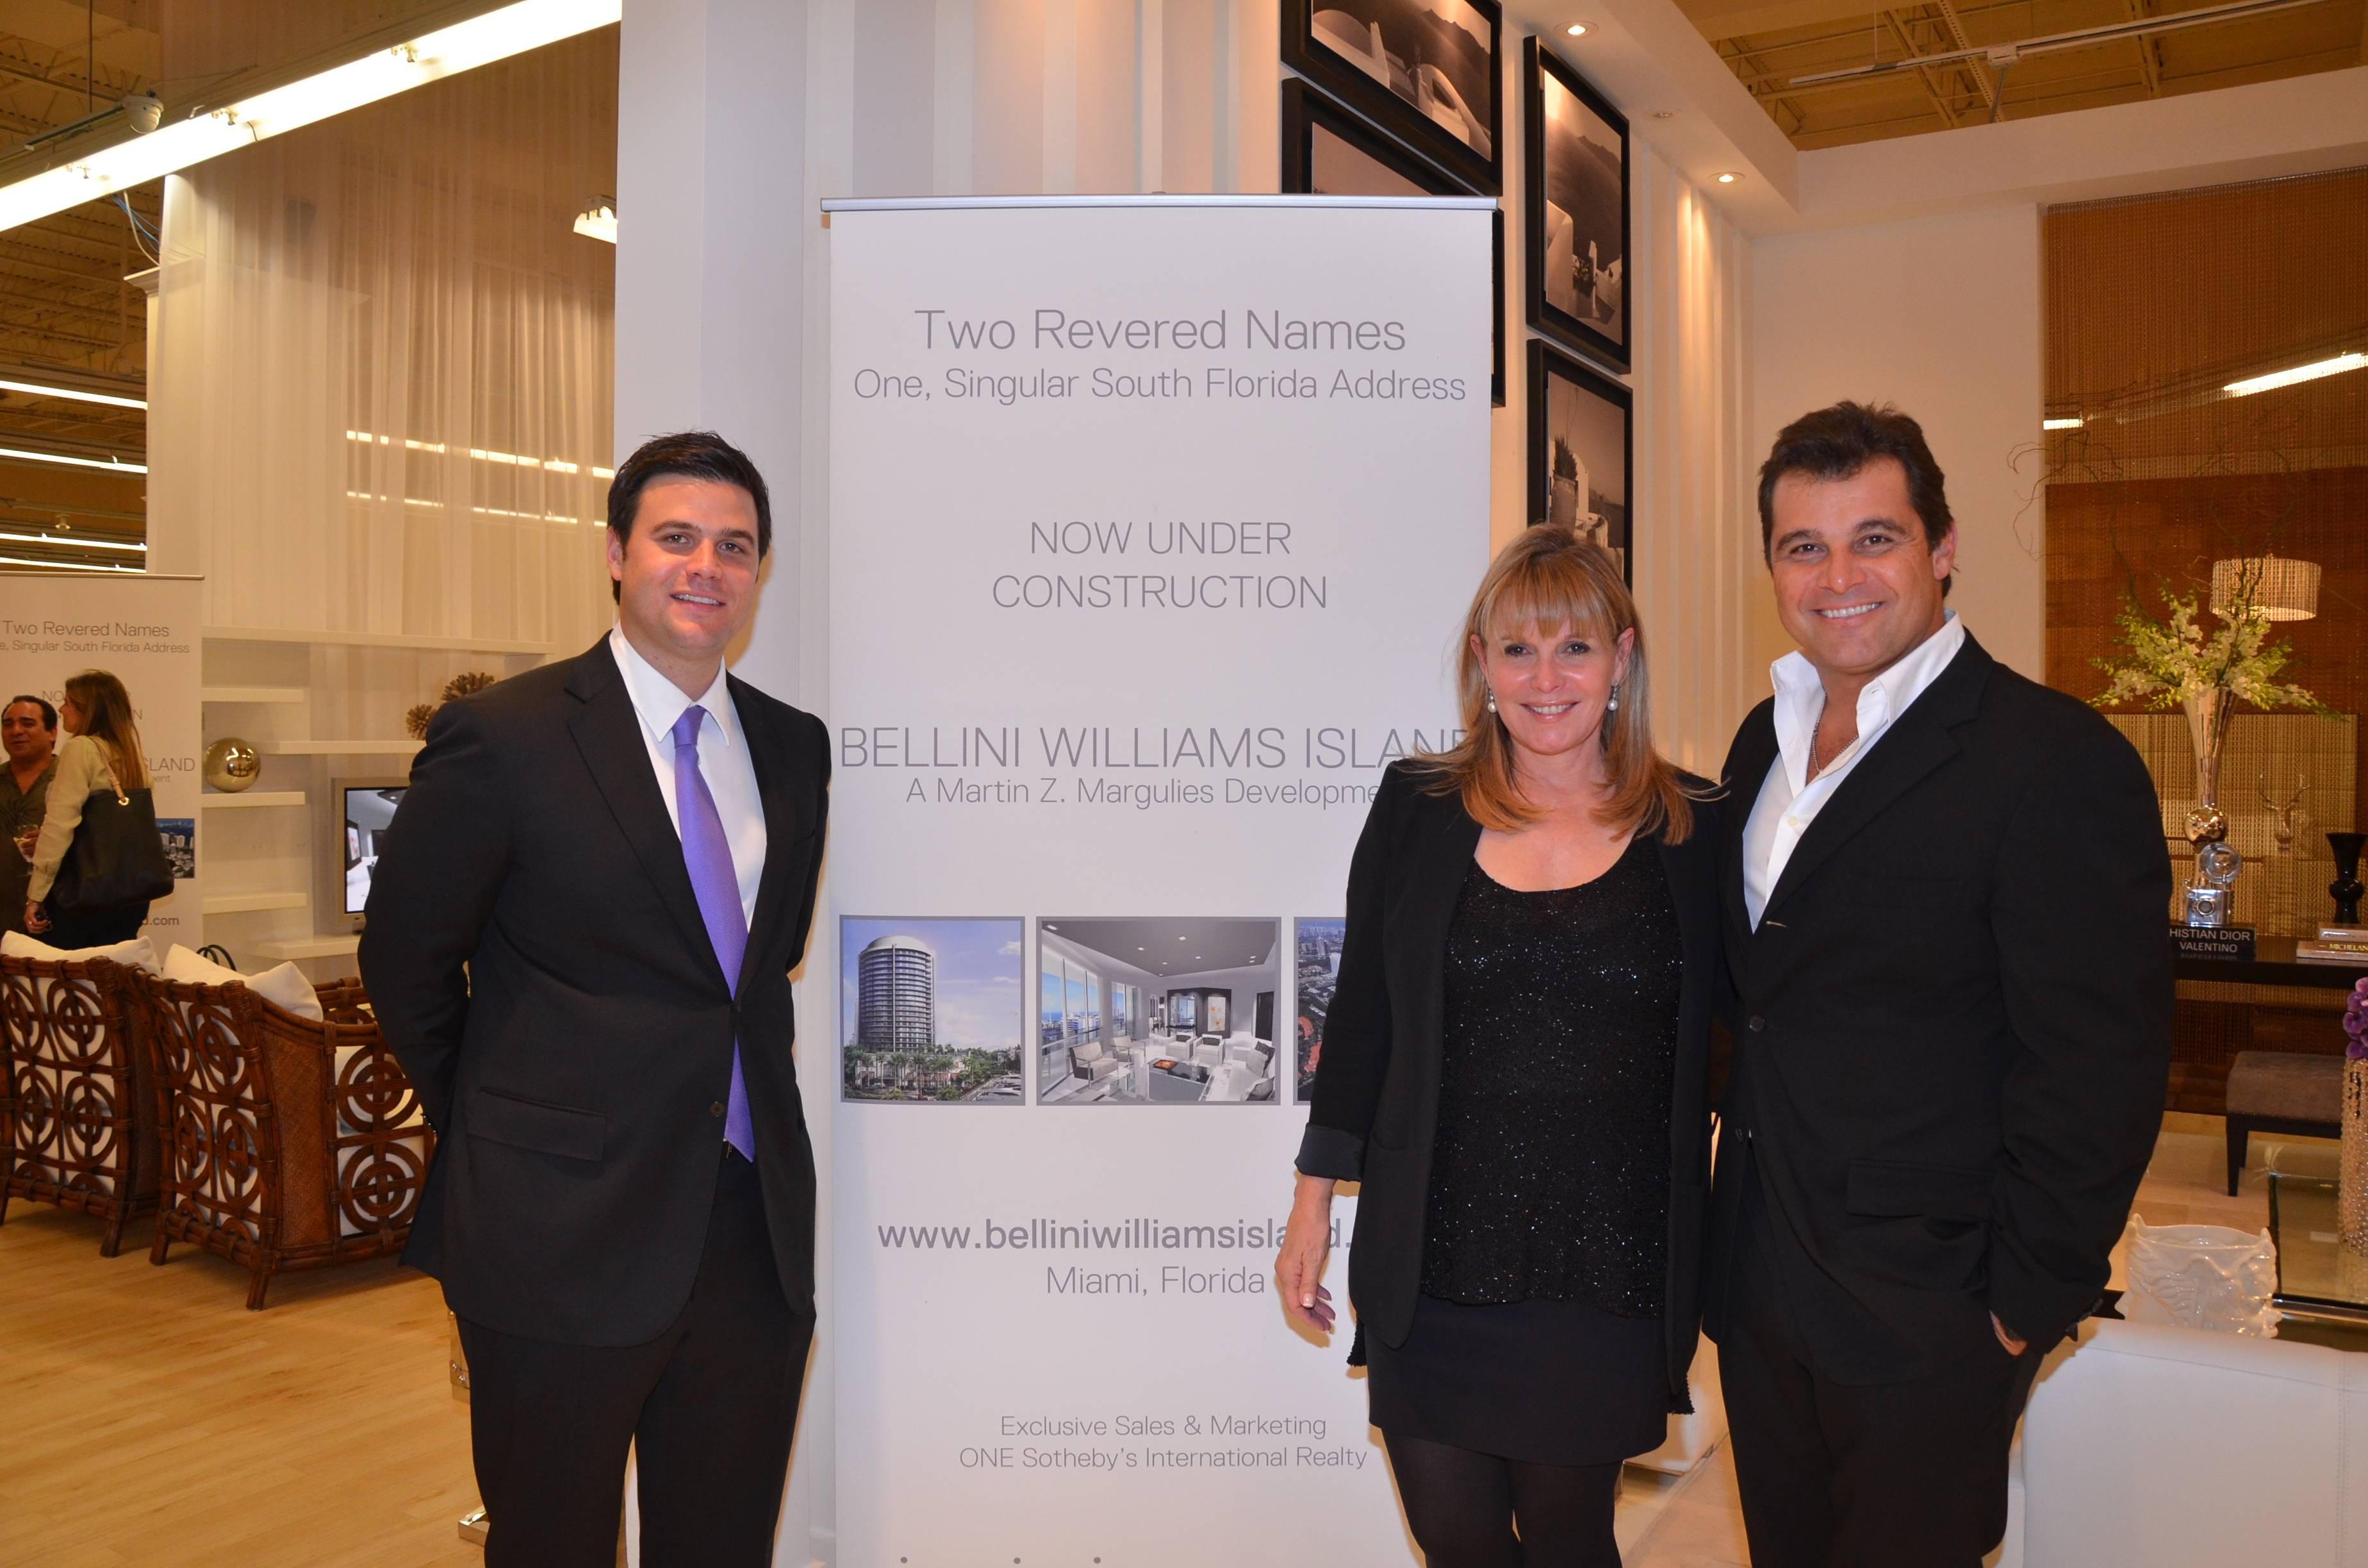 Daniel de la Vega, Mayi de la Vega and Paulo Bacchi